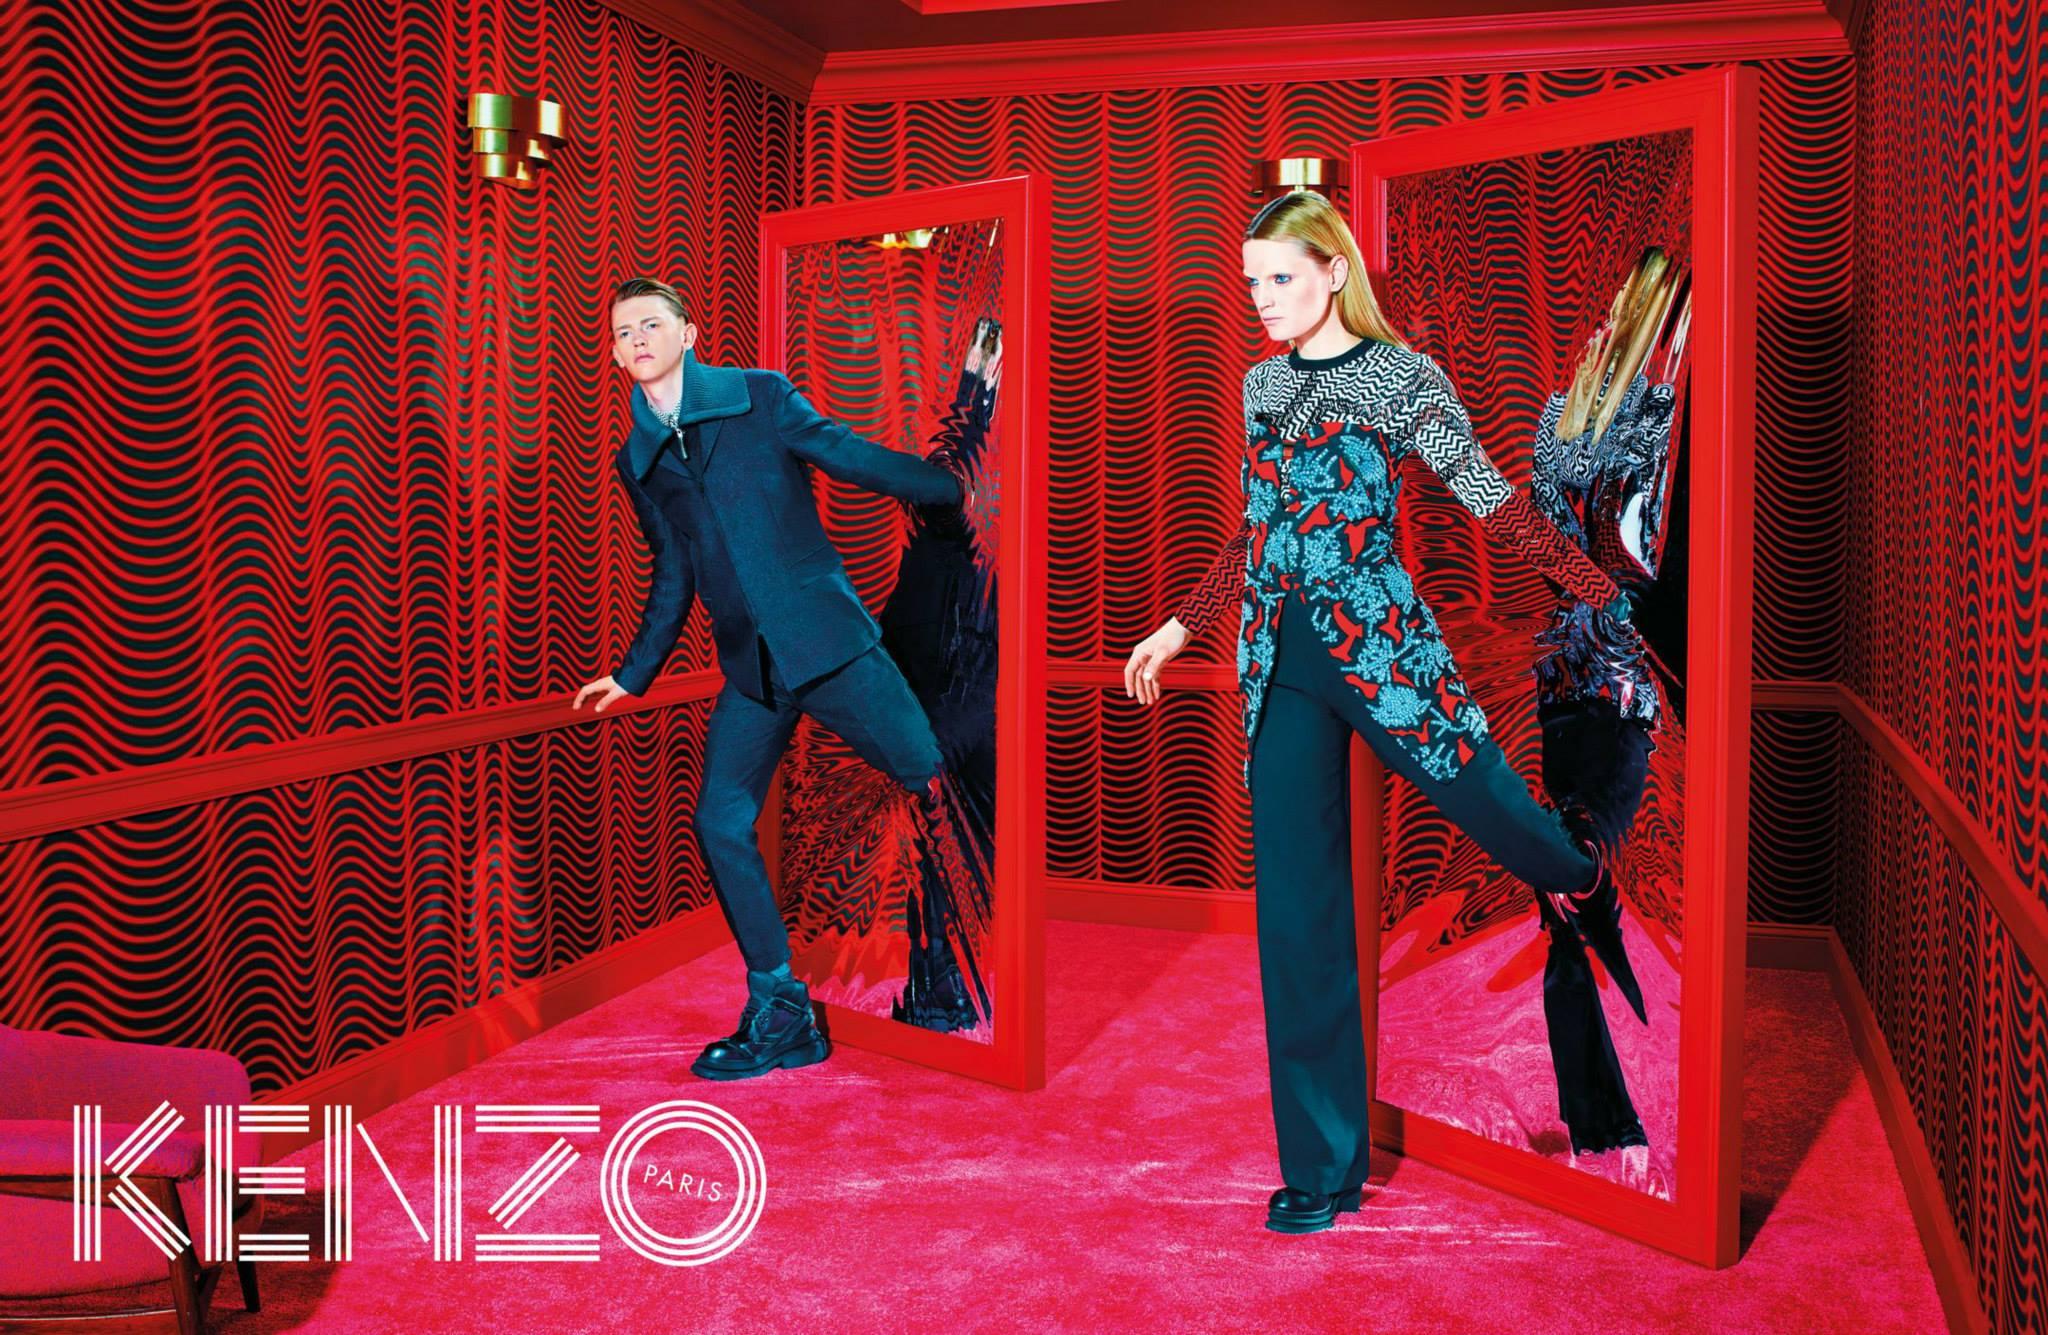 David Lynch filmjei ihlették Kenzo kampányát - minden-mas, kampanyok, ujdonsagok -